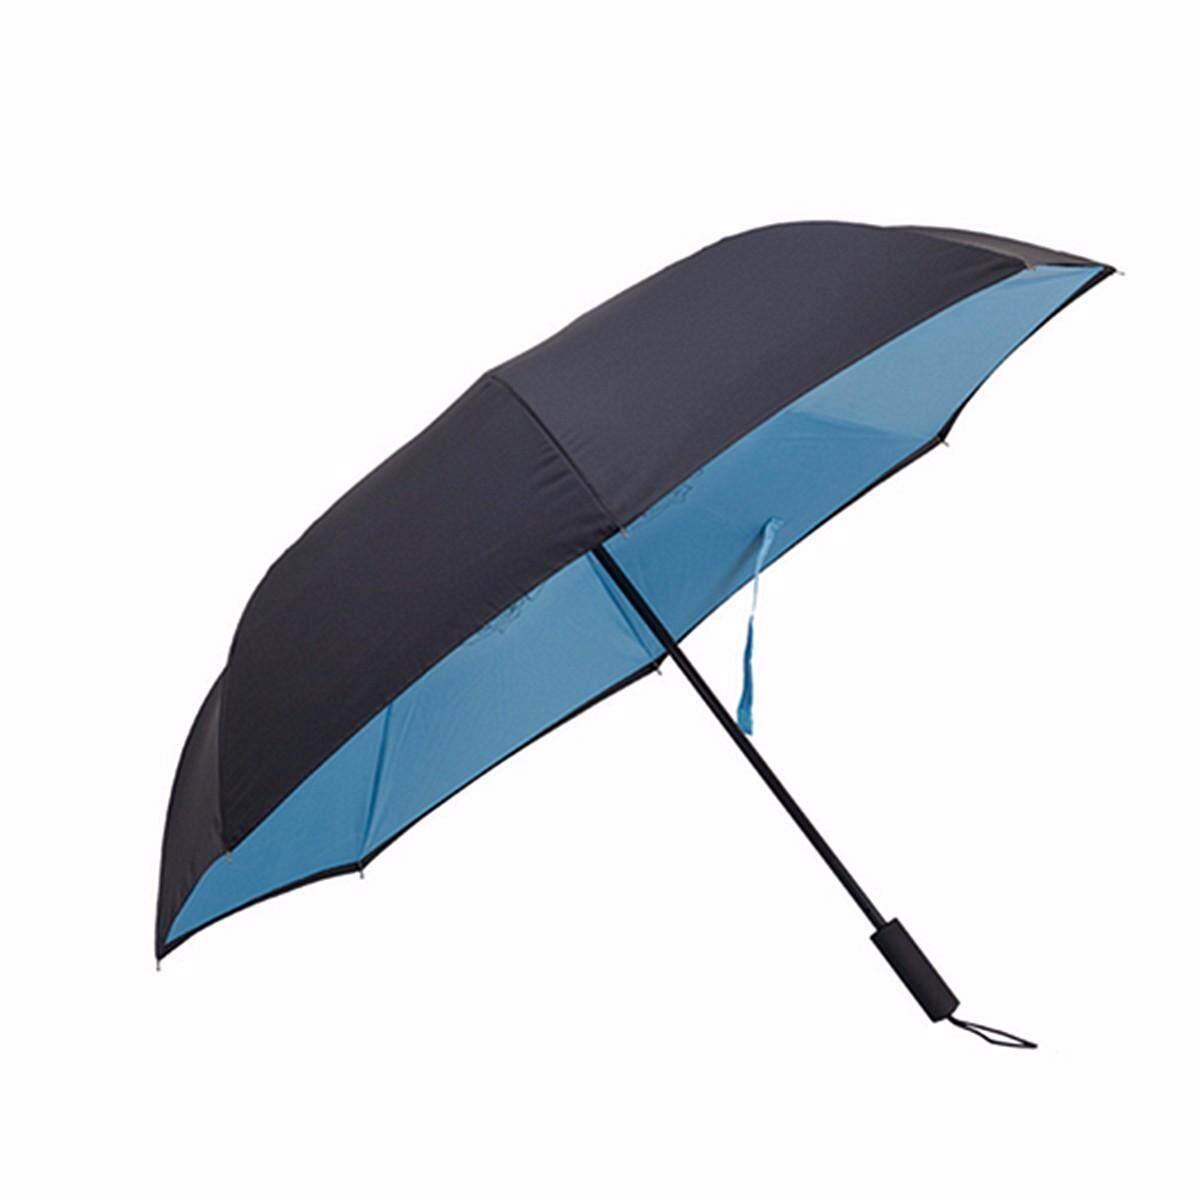 Upside Down Umbrella Reverse Designer Umbrella Opposite Folding Anti Uv Umbrella - Intl By Audew.